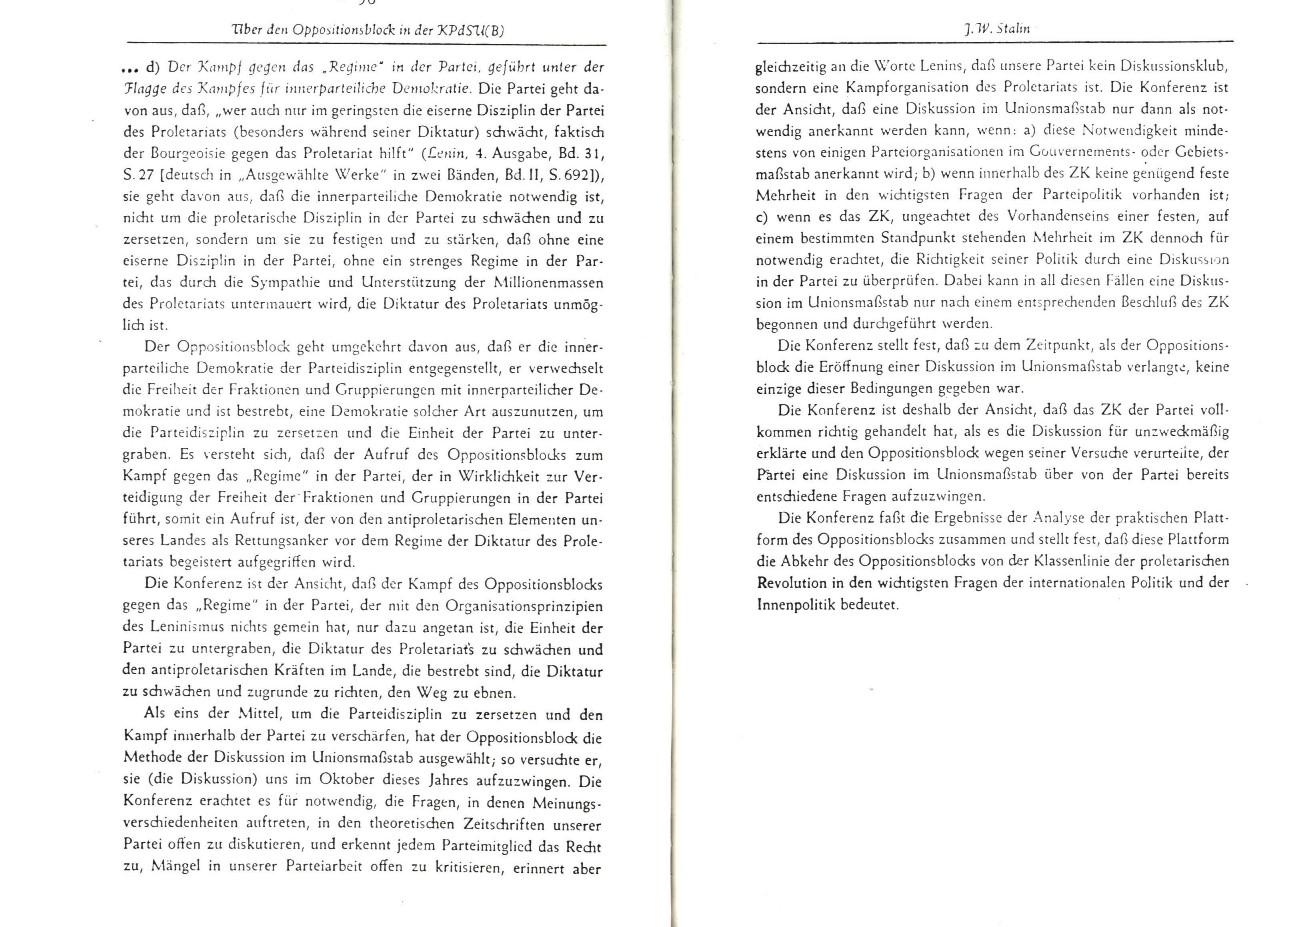 MLSK_Theorie_und_Praxis_des_ML_1979_25_49